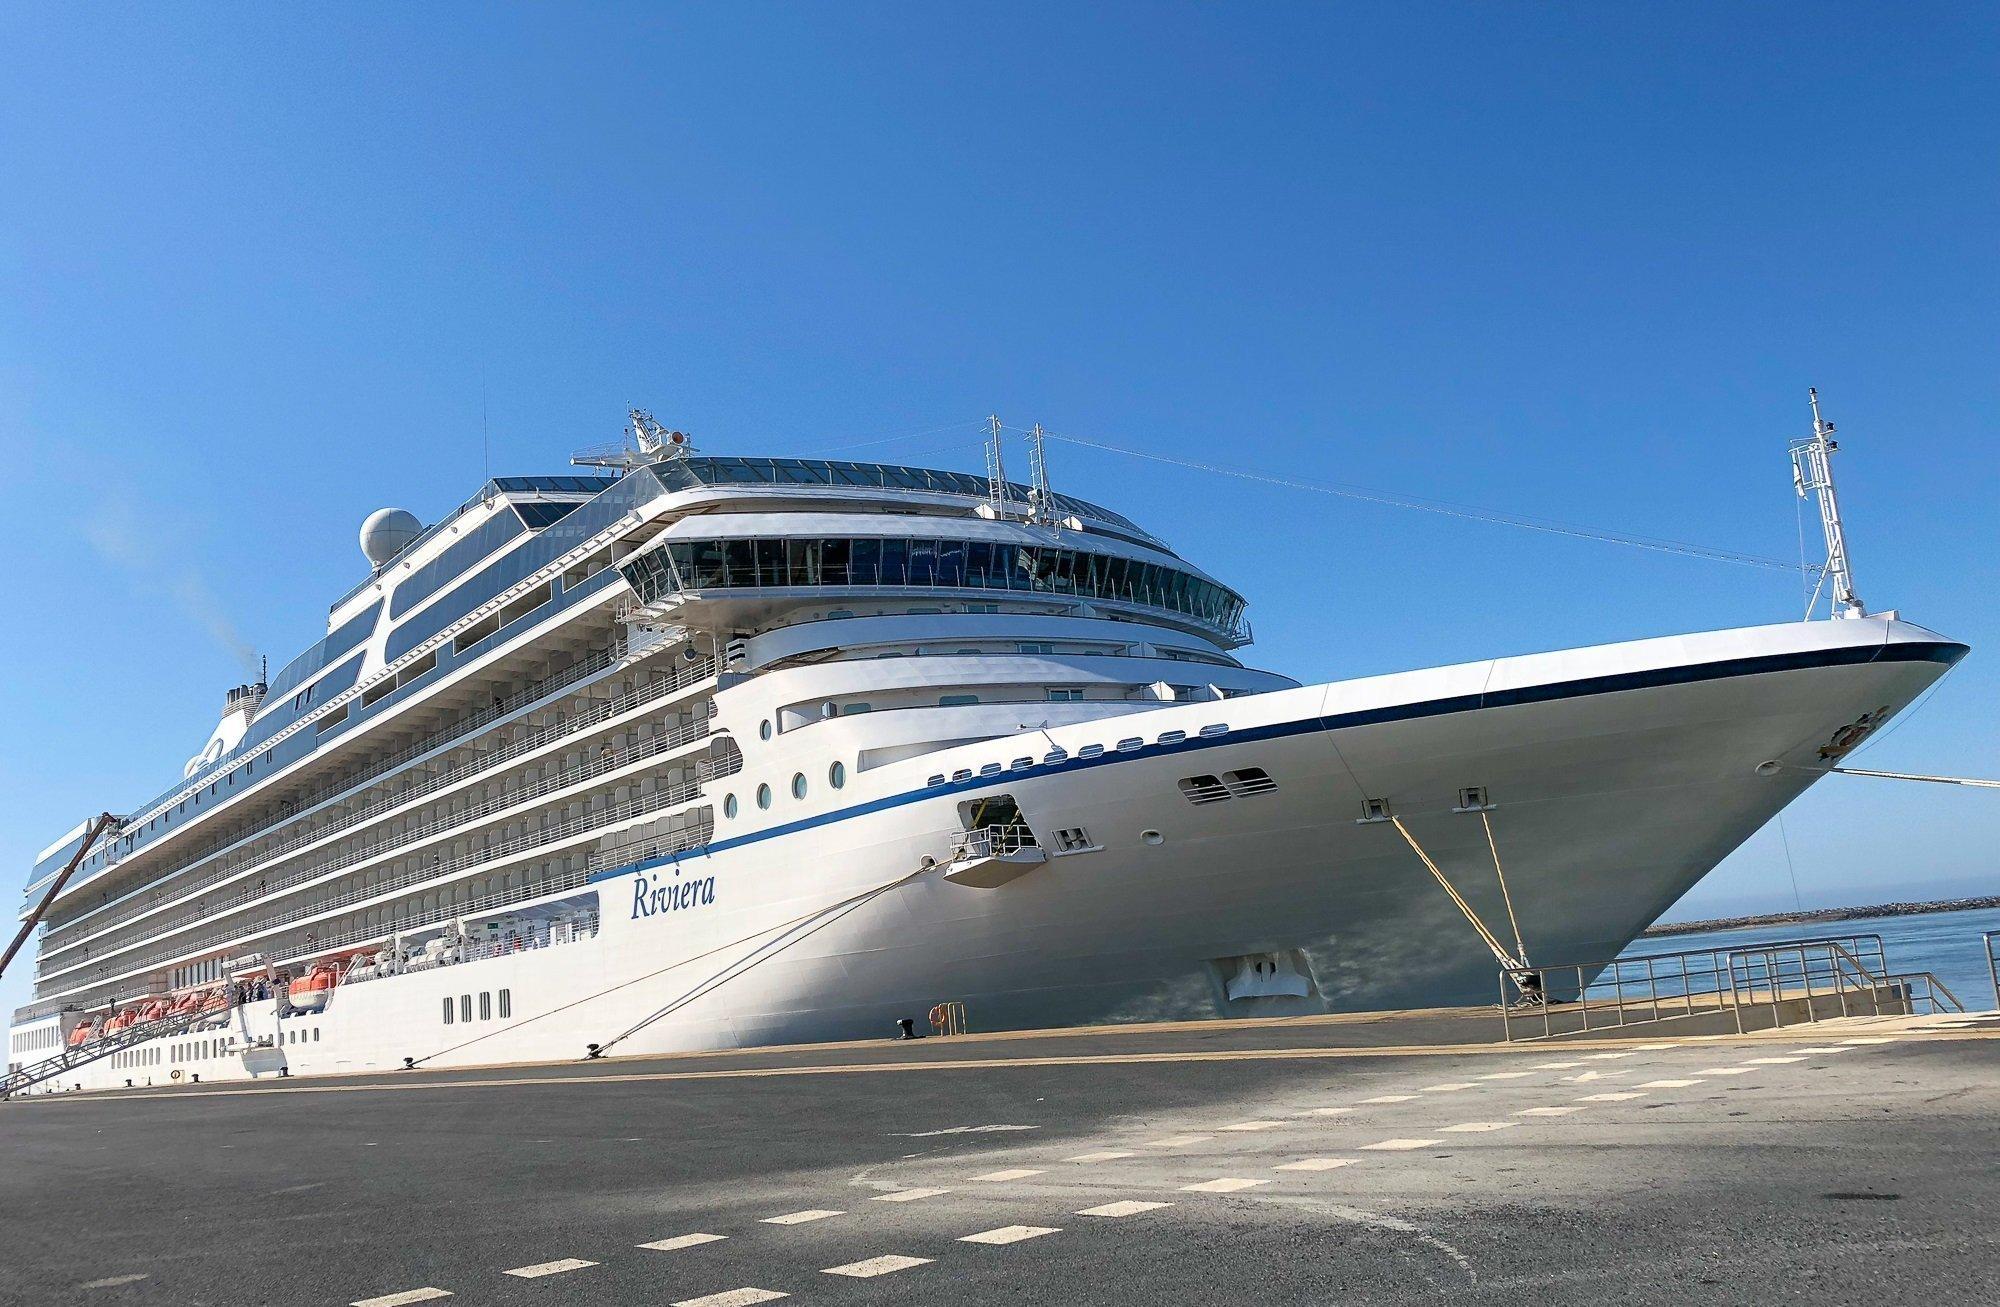 Crucero MS Riviera - Puerto de Huelva-4